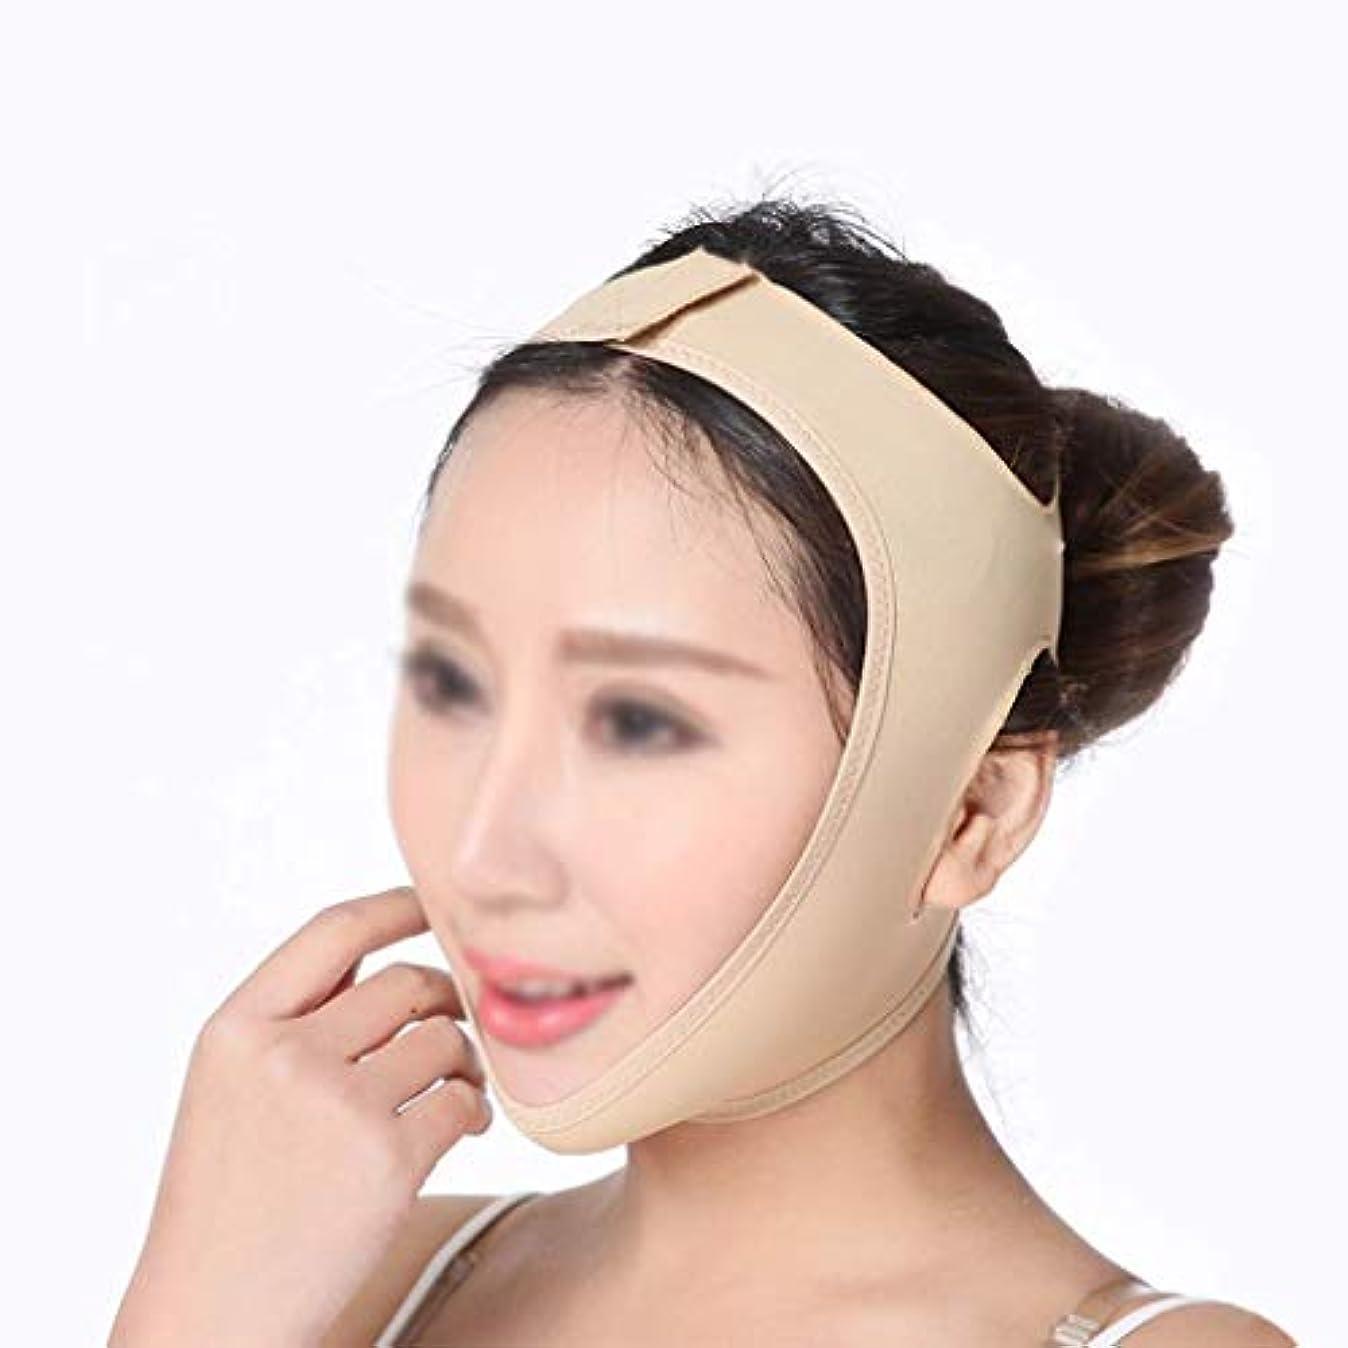 構成夫集団フェイシャルチークリフティングマスク、ダブルチンとフェイスを効果的に改善、フェイスリフト包帯、ダブルチンを減らす(サイズ:L),S